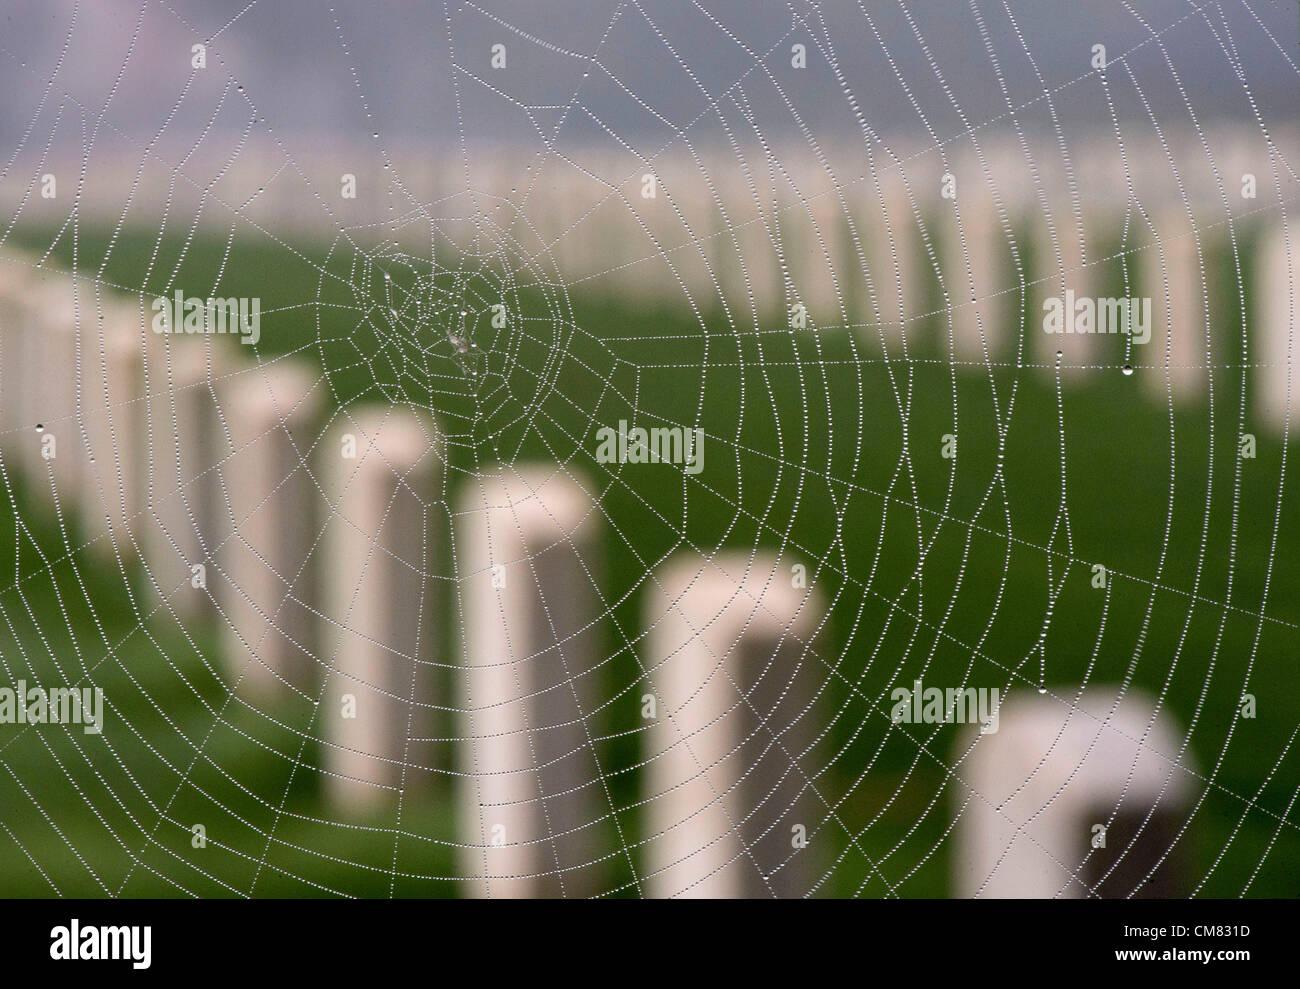 25 Oktober 2012 Hangt Roseburg Oregon Usa Grabsteine Stehen